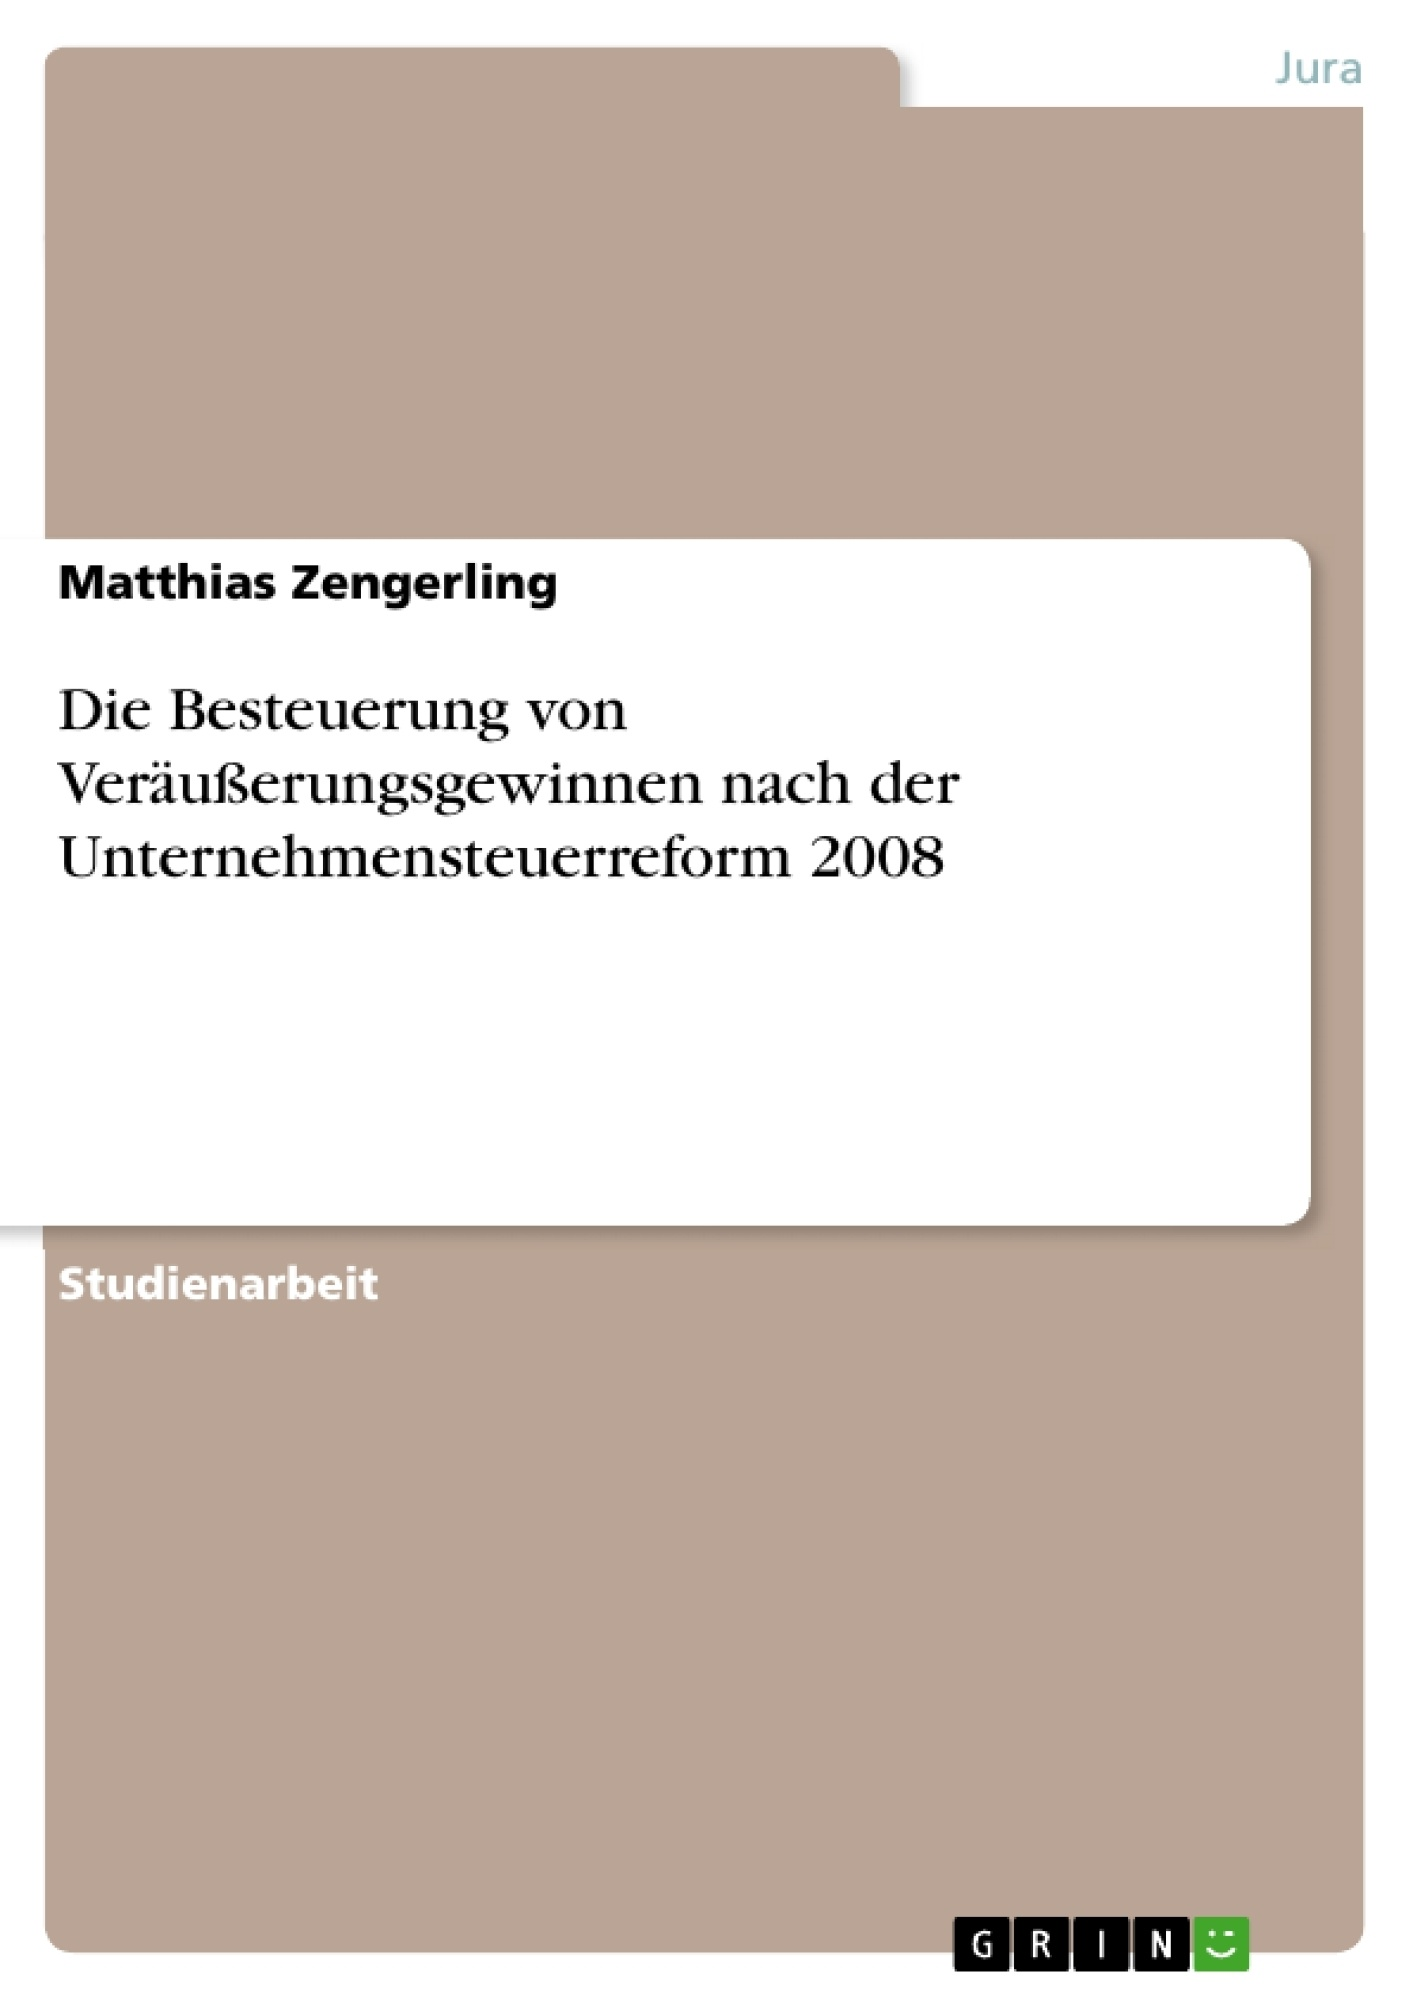 Titel: Die Besteuerung von Veräußerungsgewinnen nach der Unternehmensteuerreform 2008